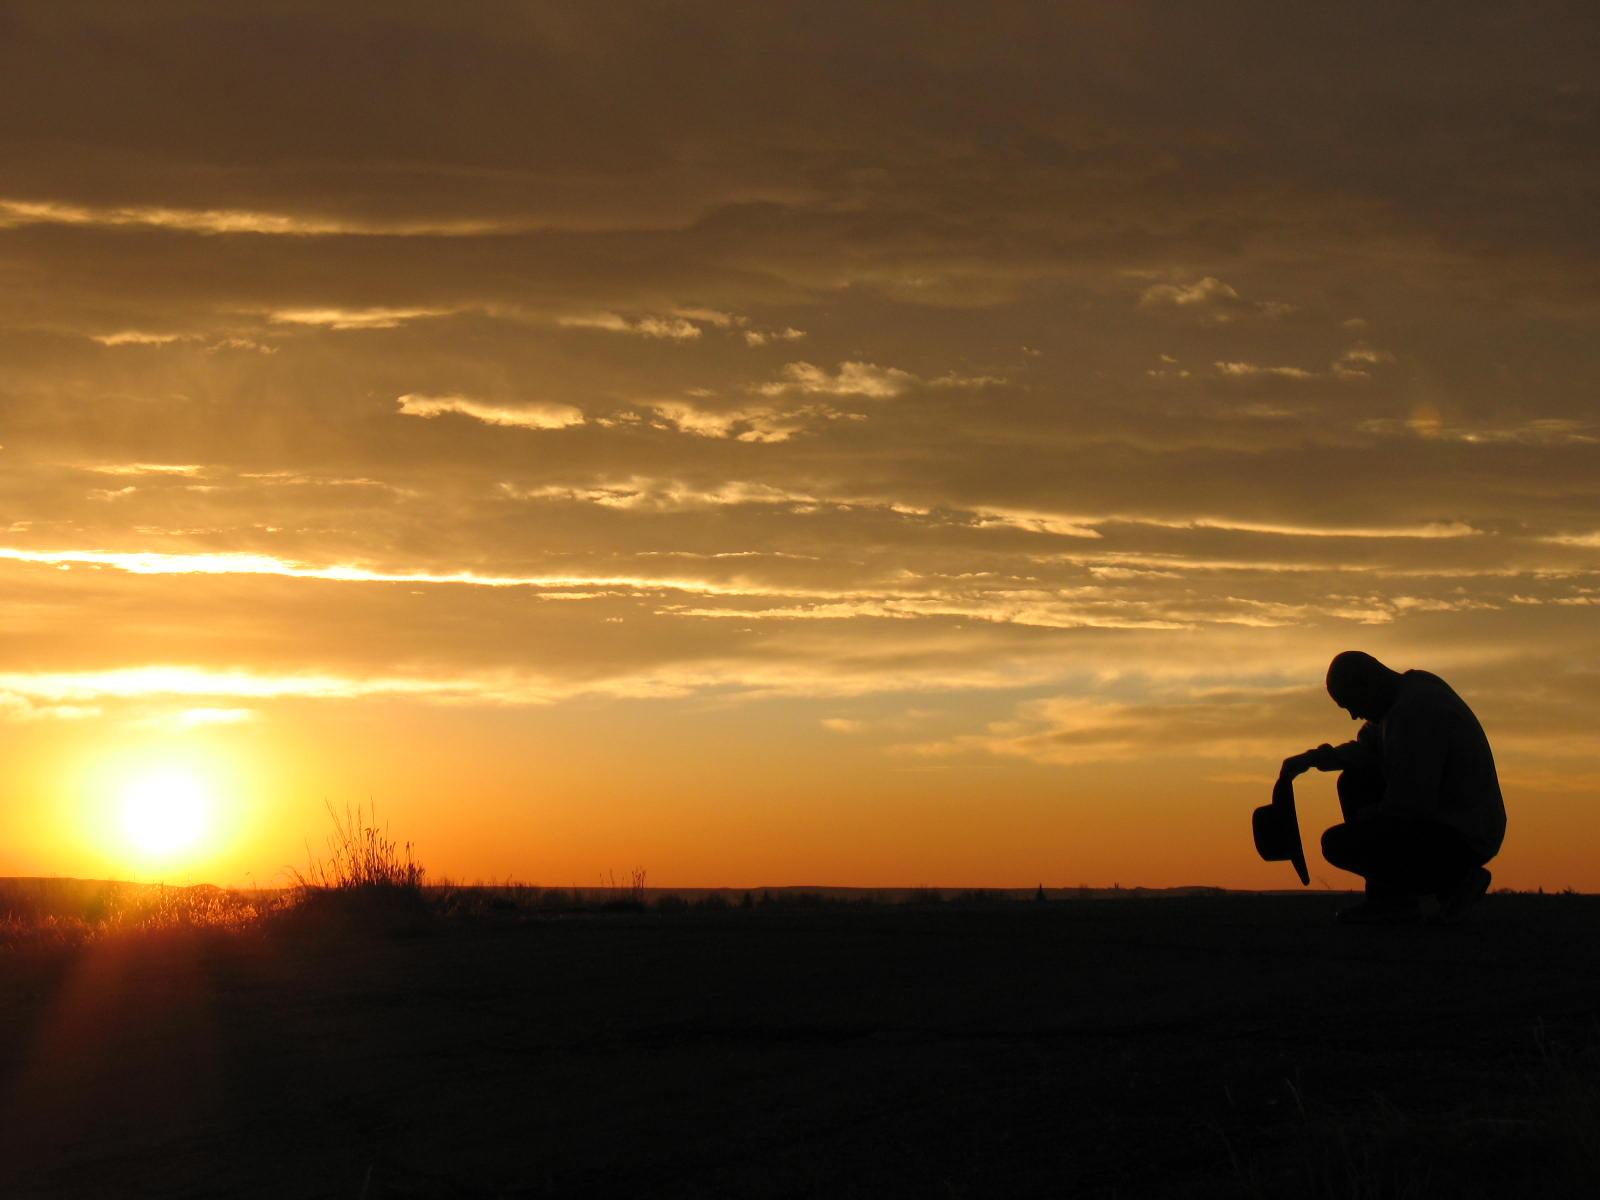 Cowboy praying at dawn